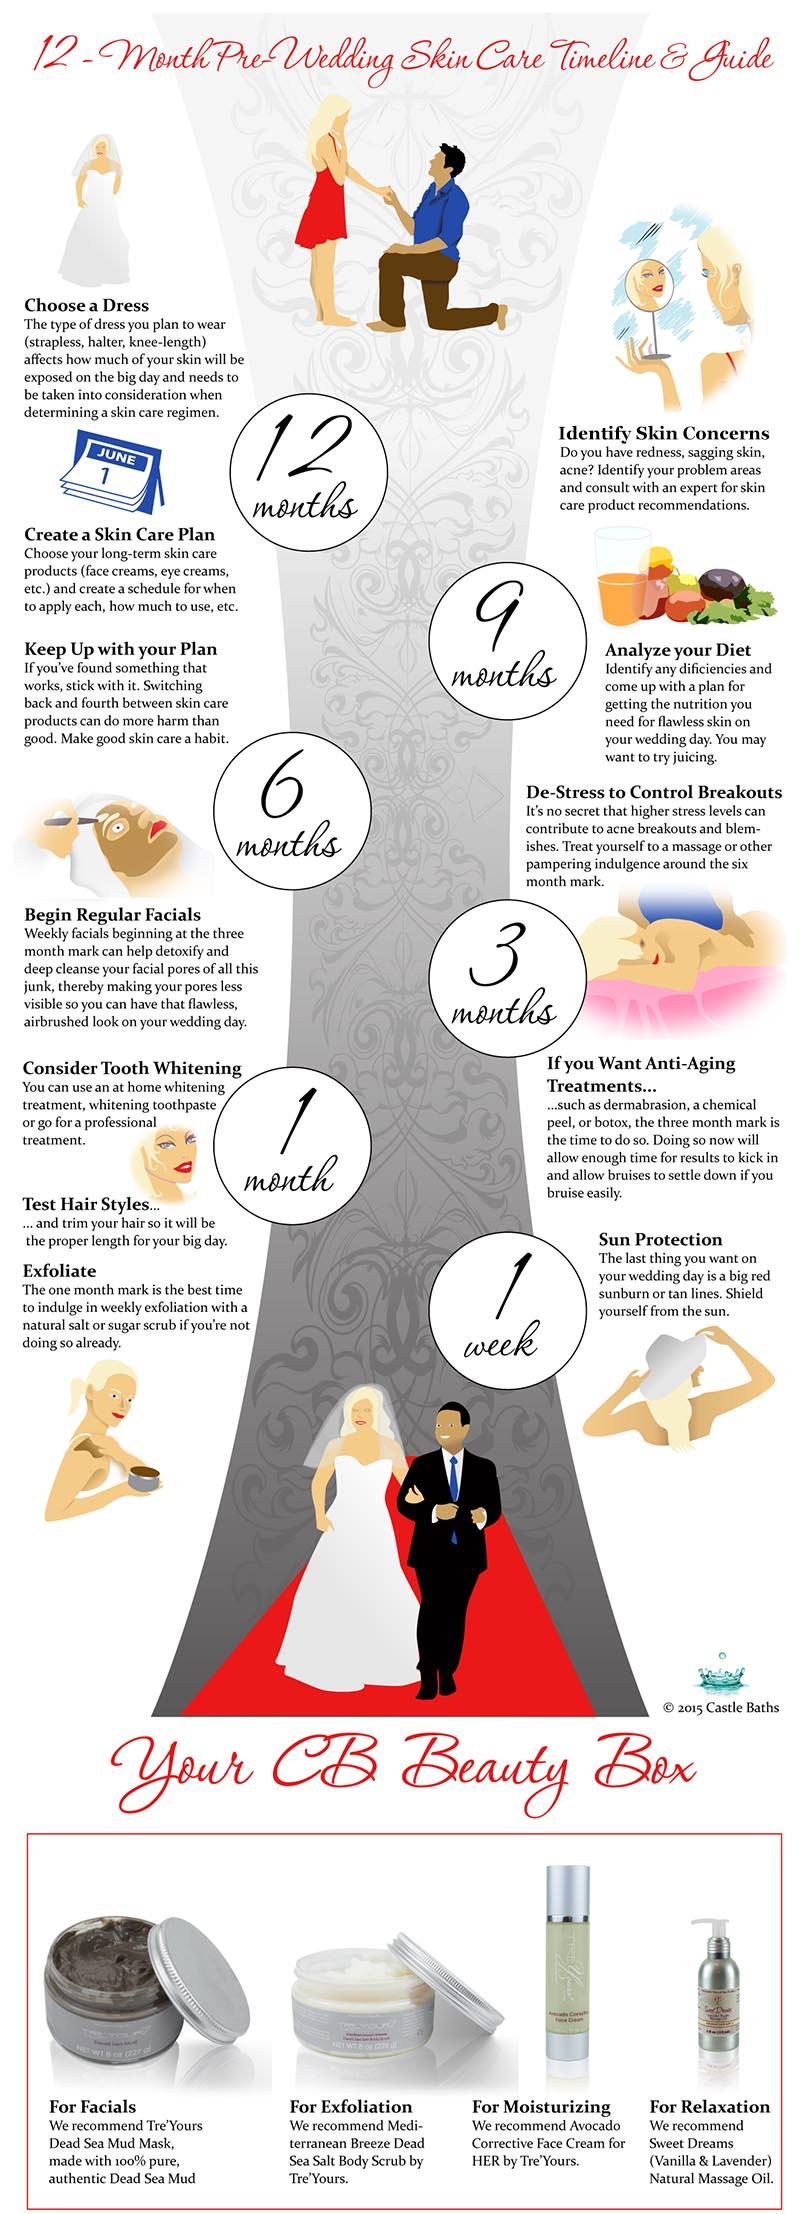 Best Wedding Skin Care Regimen & Guide for June Brides